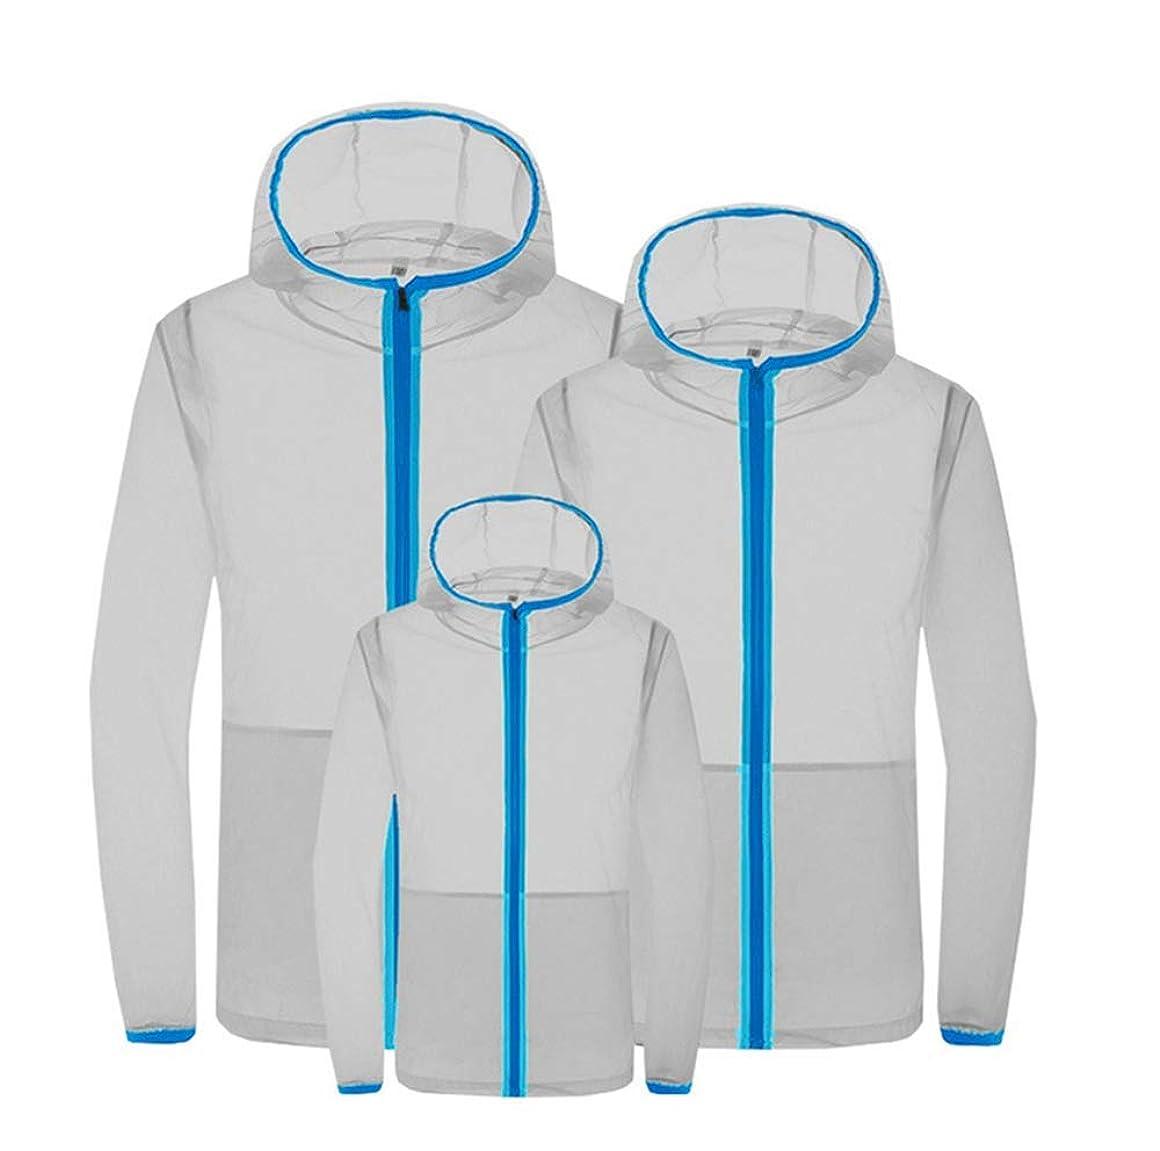 タイトル脱走吹雪夏のエアコンスーツスマート3速冷却スーツ日焼け防止服防滴防蚊服ファン冷却肌の服,Gray,S